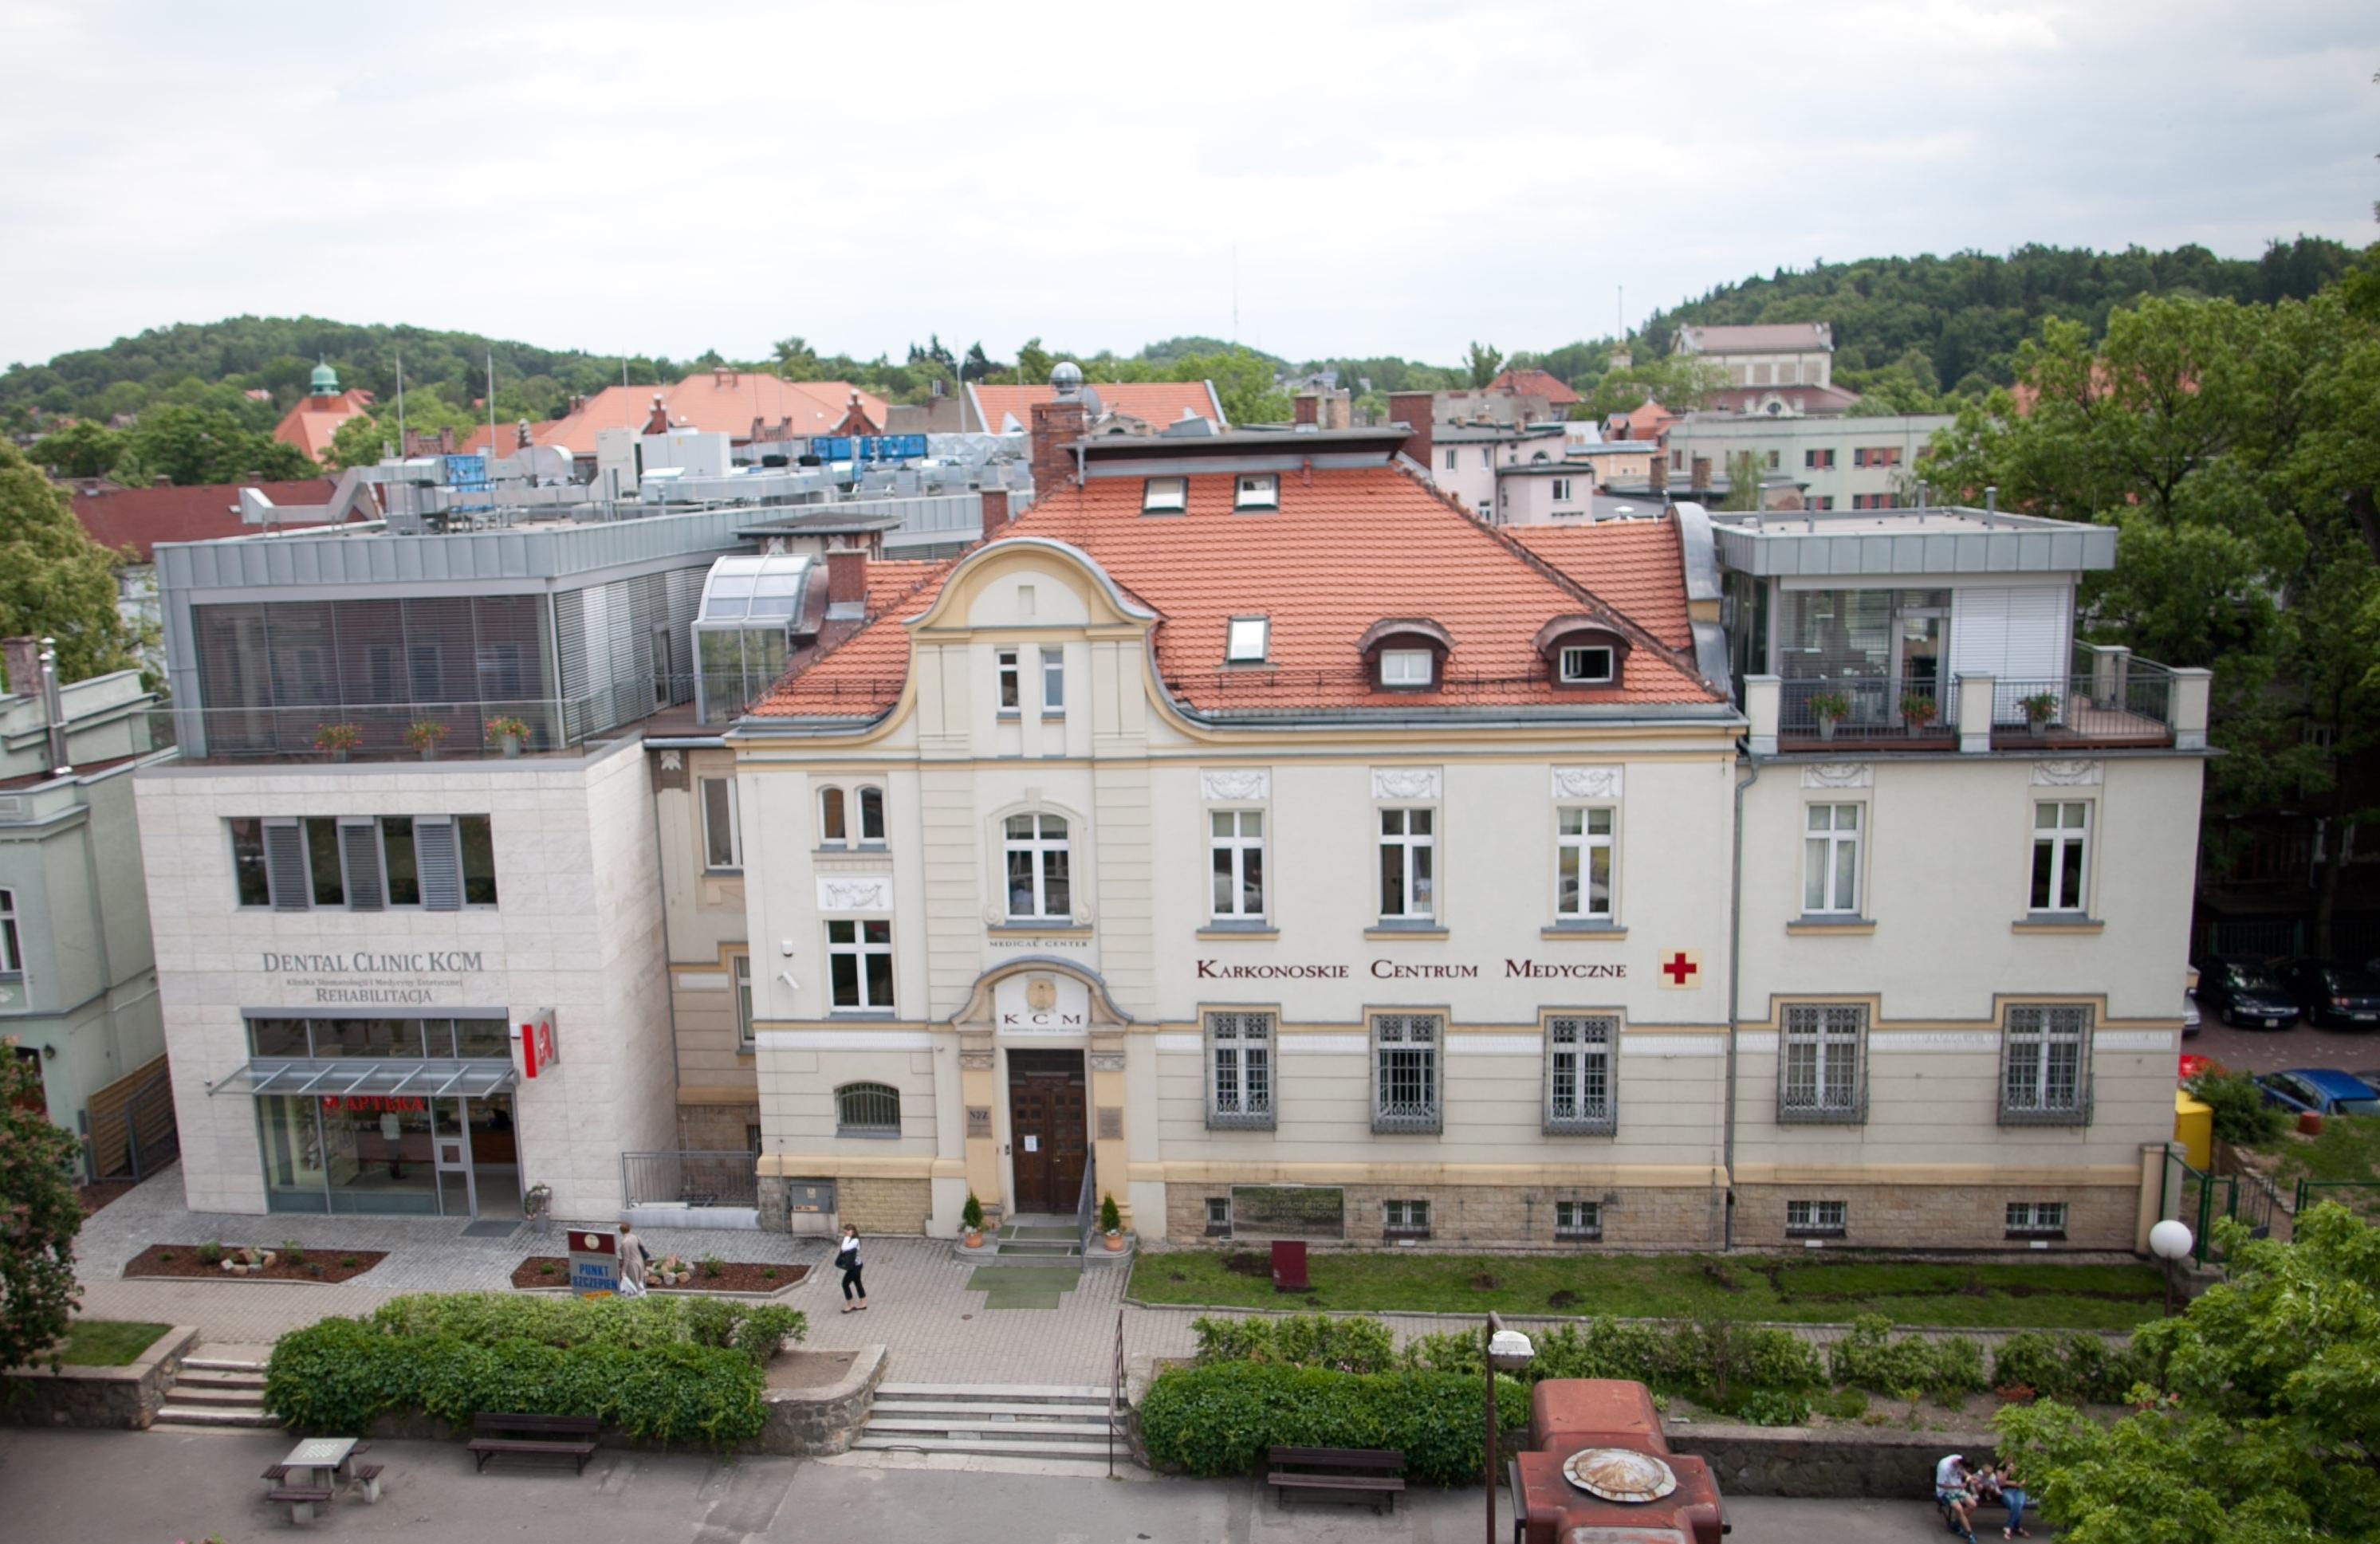 Dlaczego pacjent z Irlandii wybrał klinikę w Polsce?